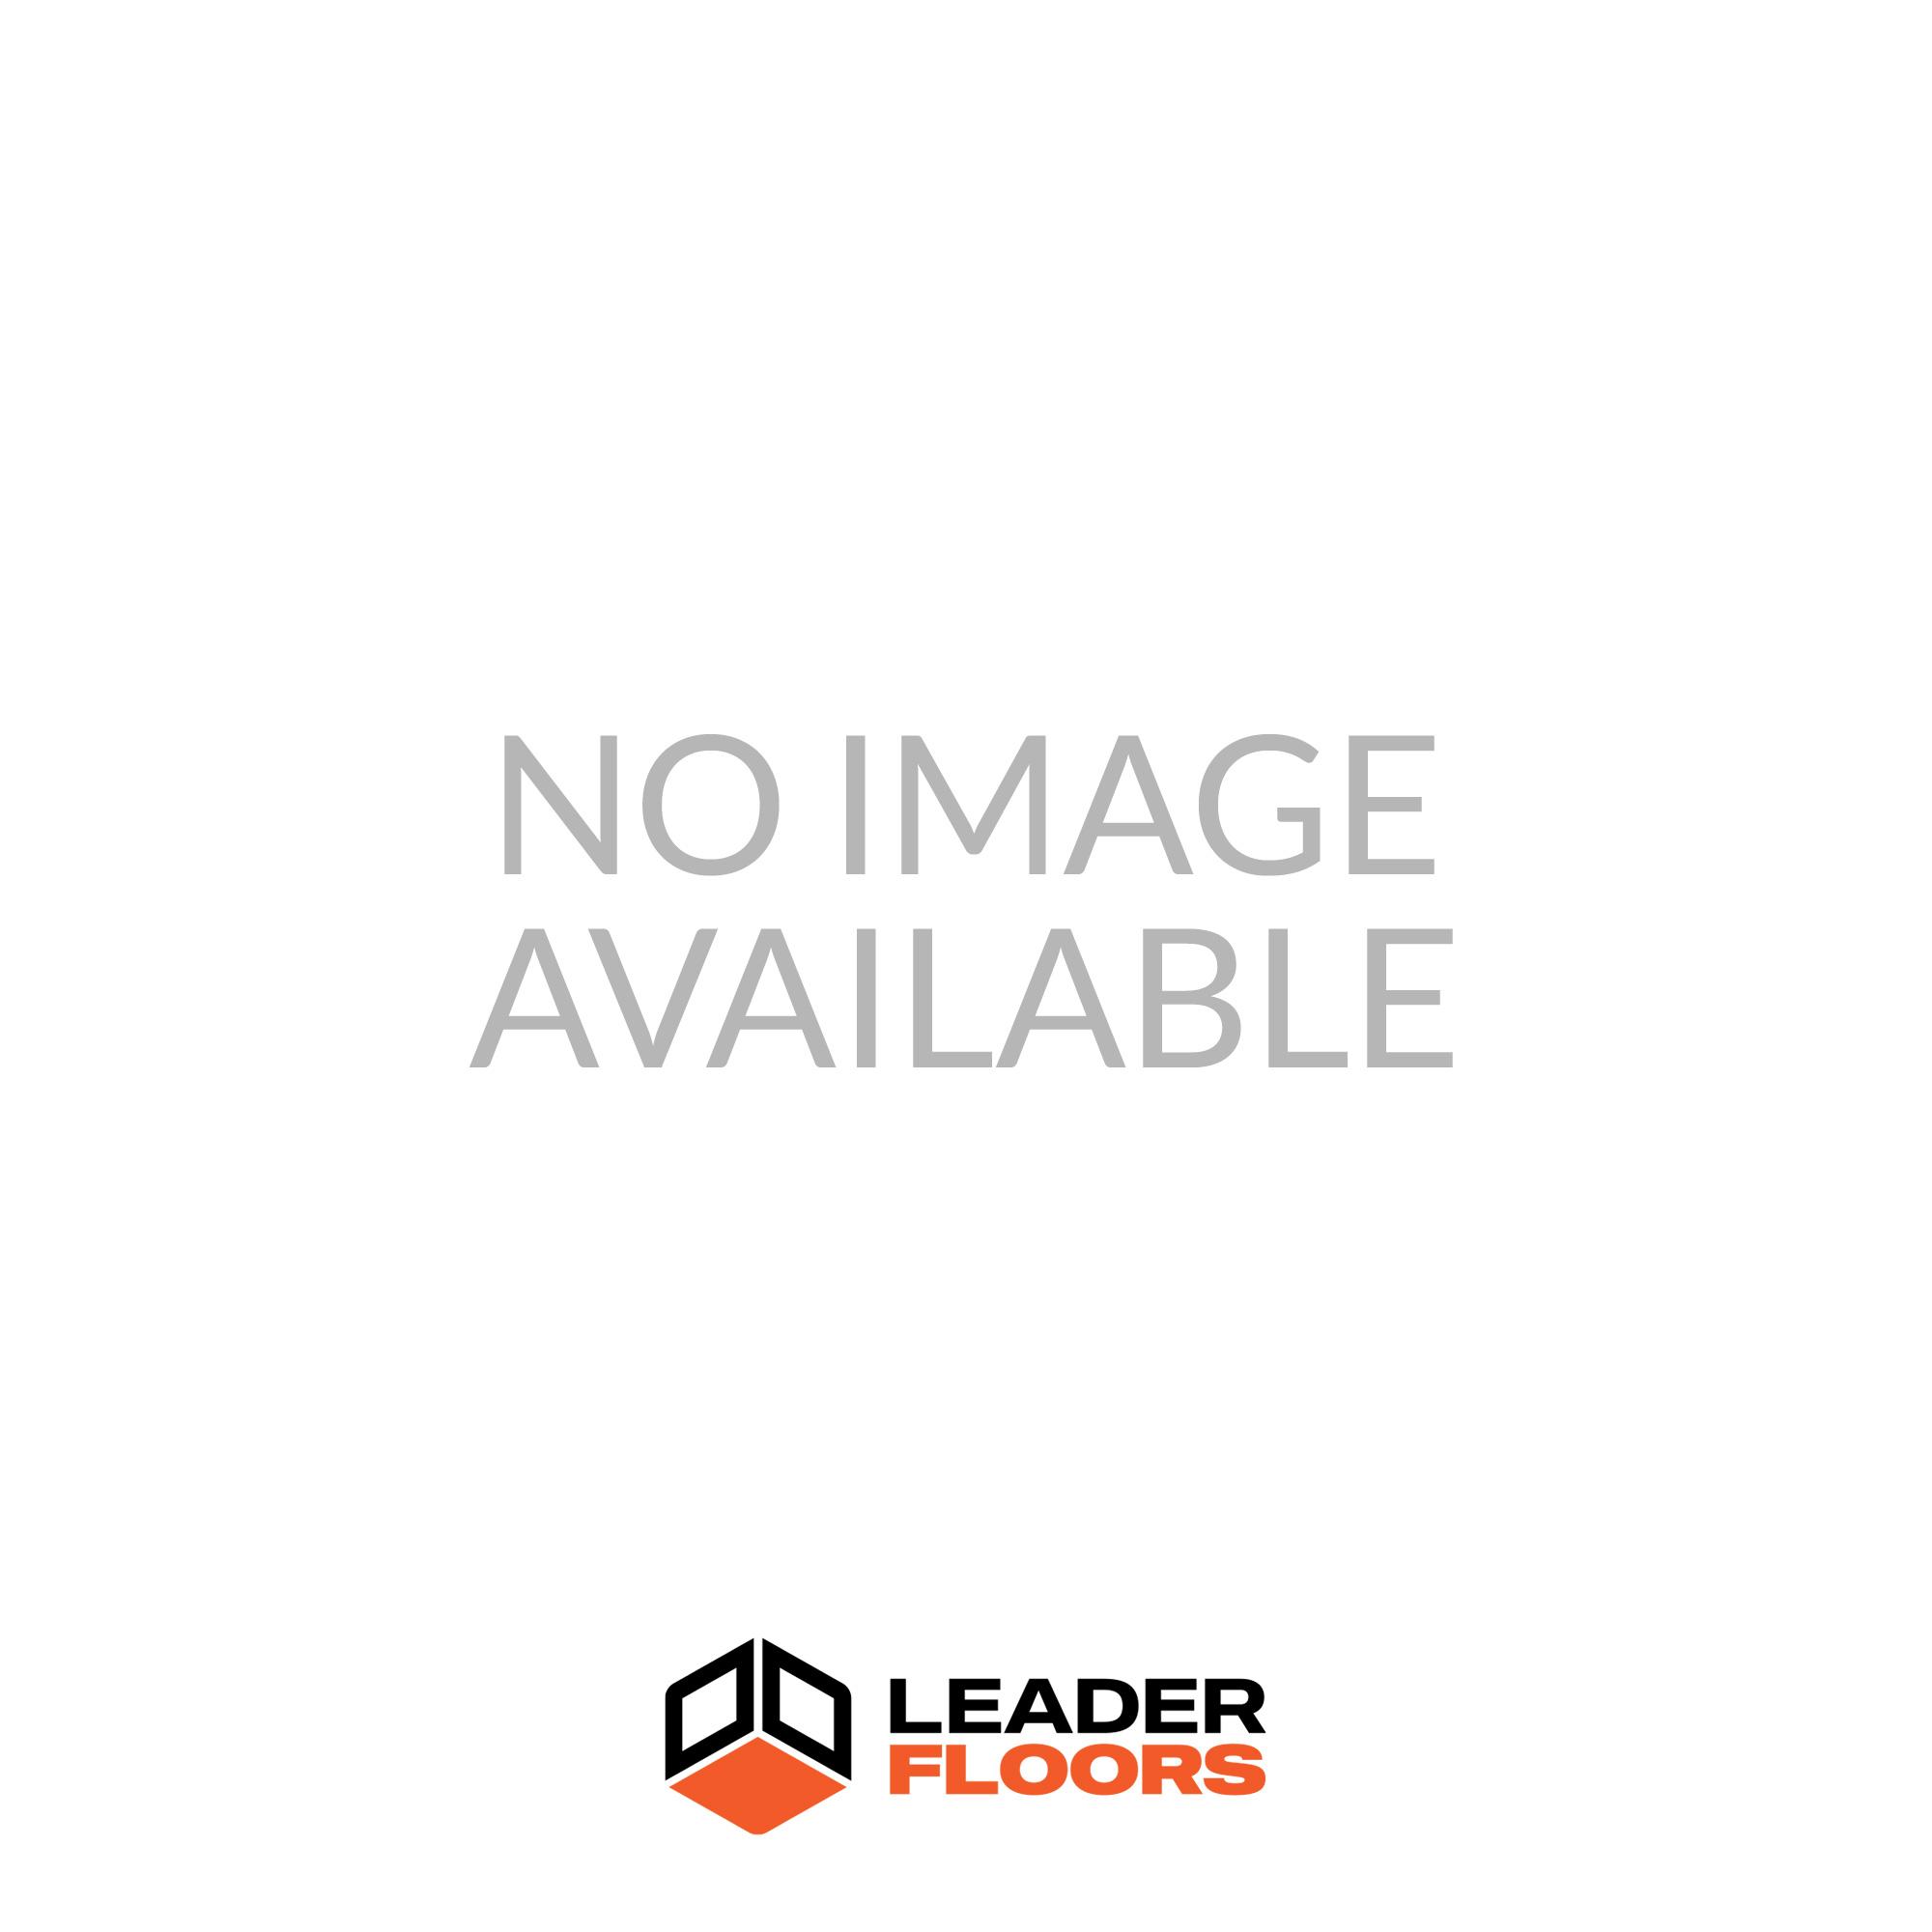 Solid Wood Floors Solid Wood Flooring Leader Floors